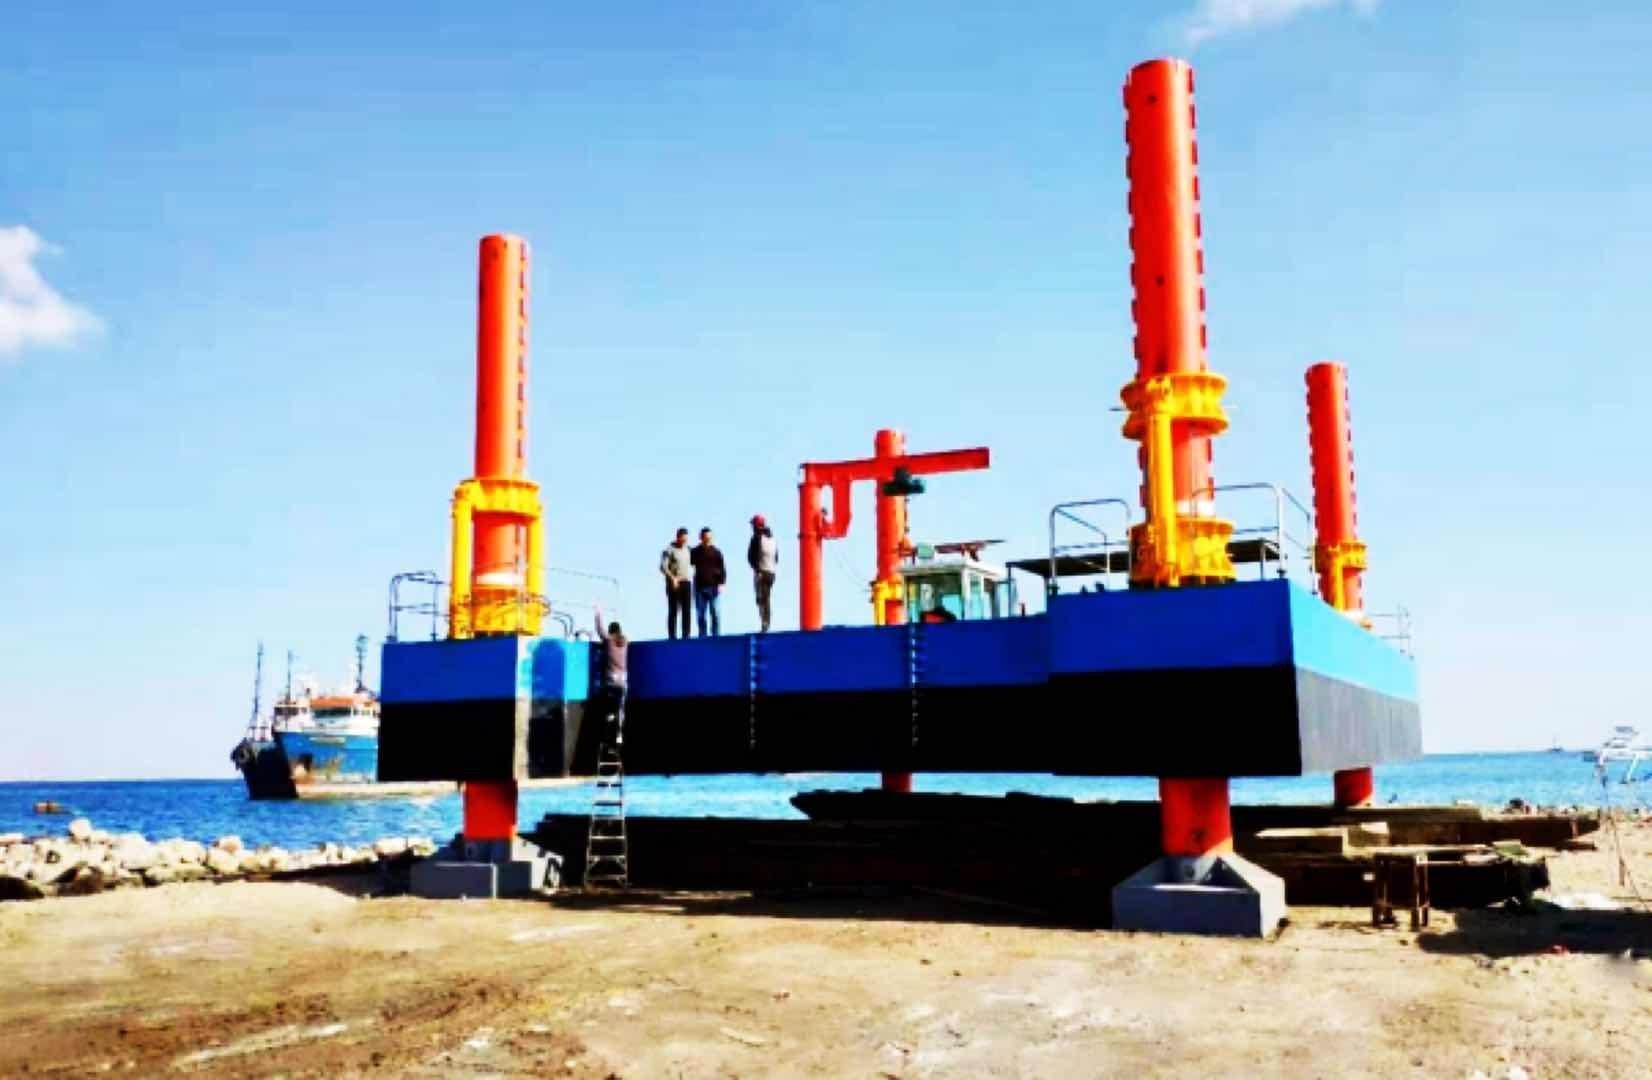 Grúa de cubierta pesada / excavadoras que soportan plataformas de pontones con patillas